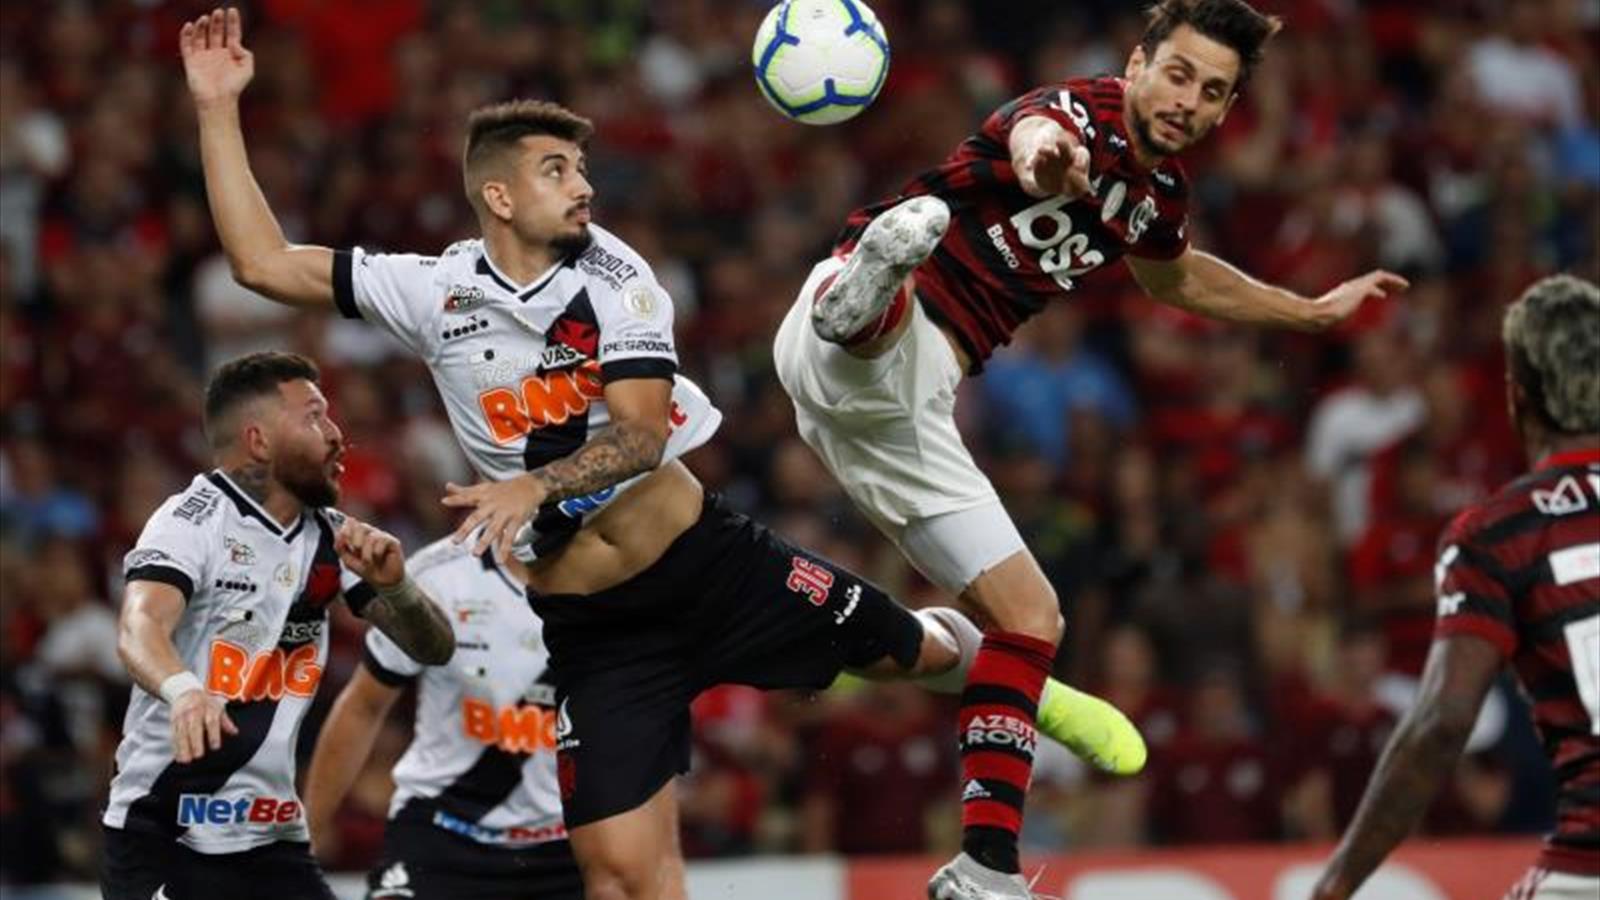 El Vasco iguala en el último minuto y trunca el triunfo del Flamengo - Eurosport